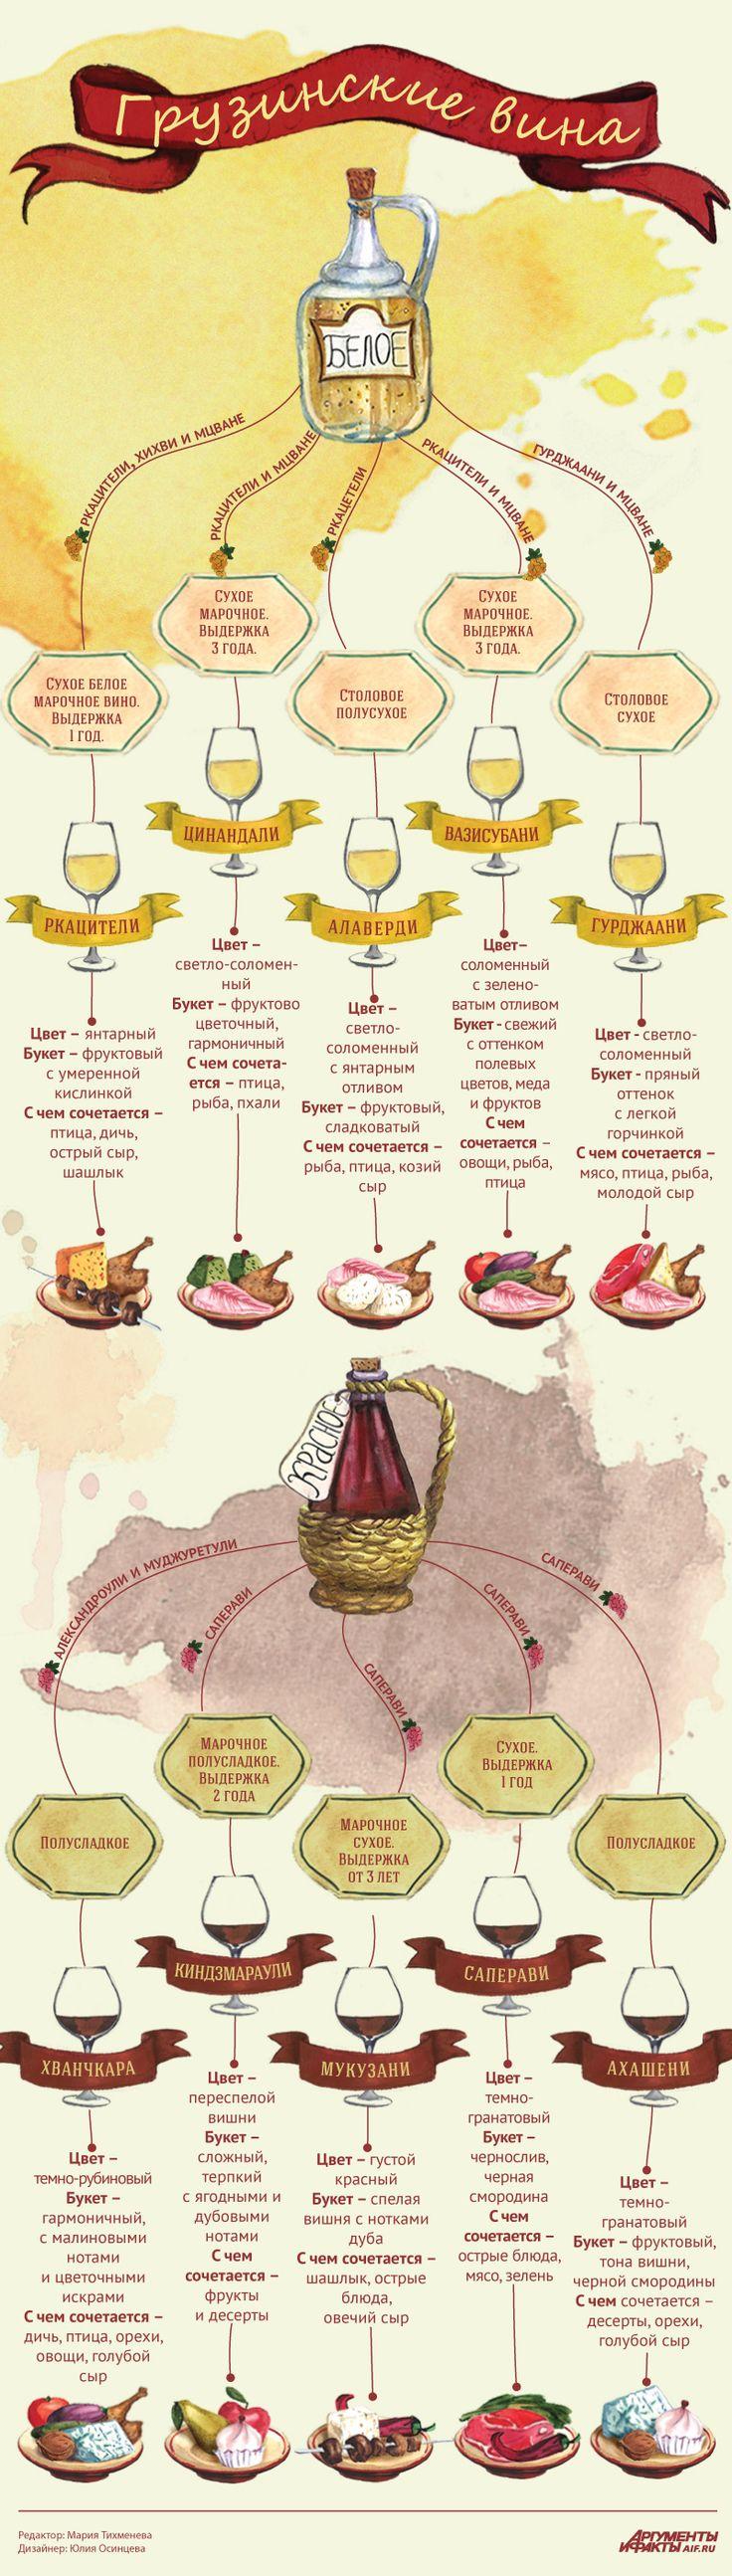 10 знаменитых грузинских вин и их гастрономические пары. Инфографика | Продукты и напитки | Кухня | Аргументы и Факты